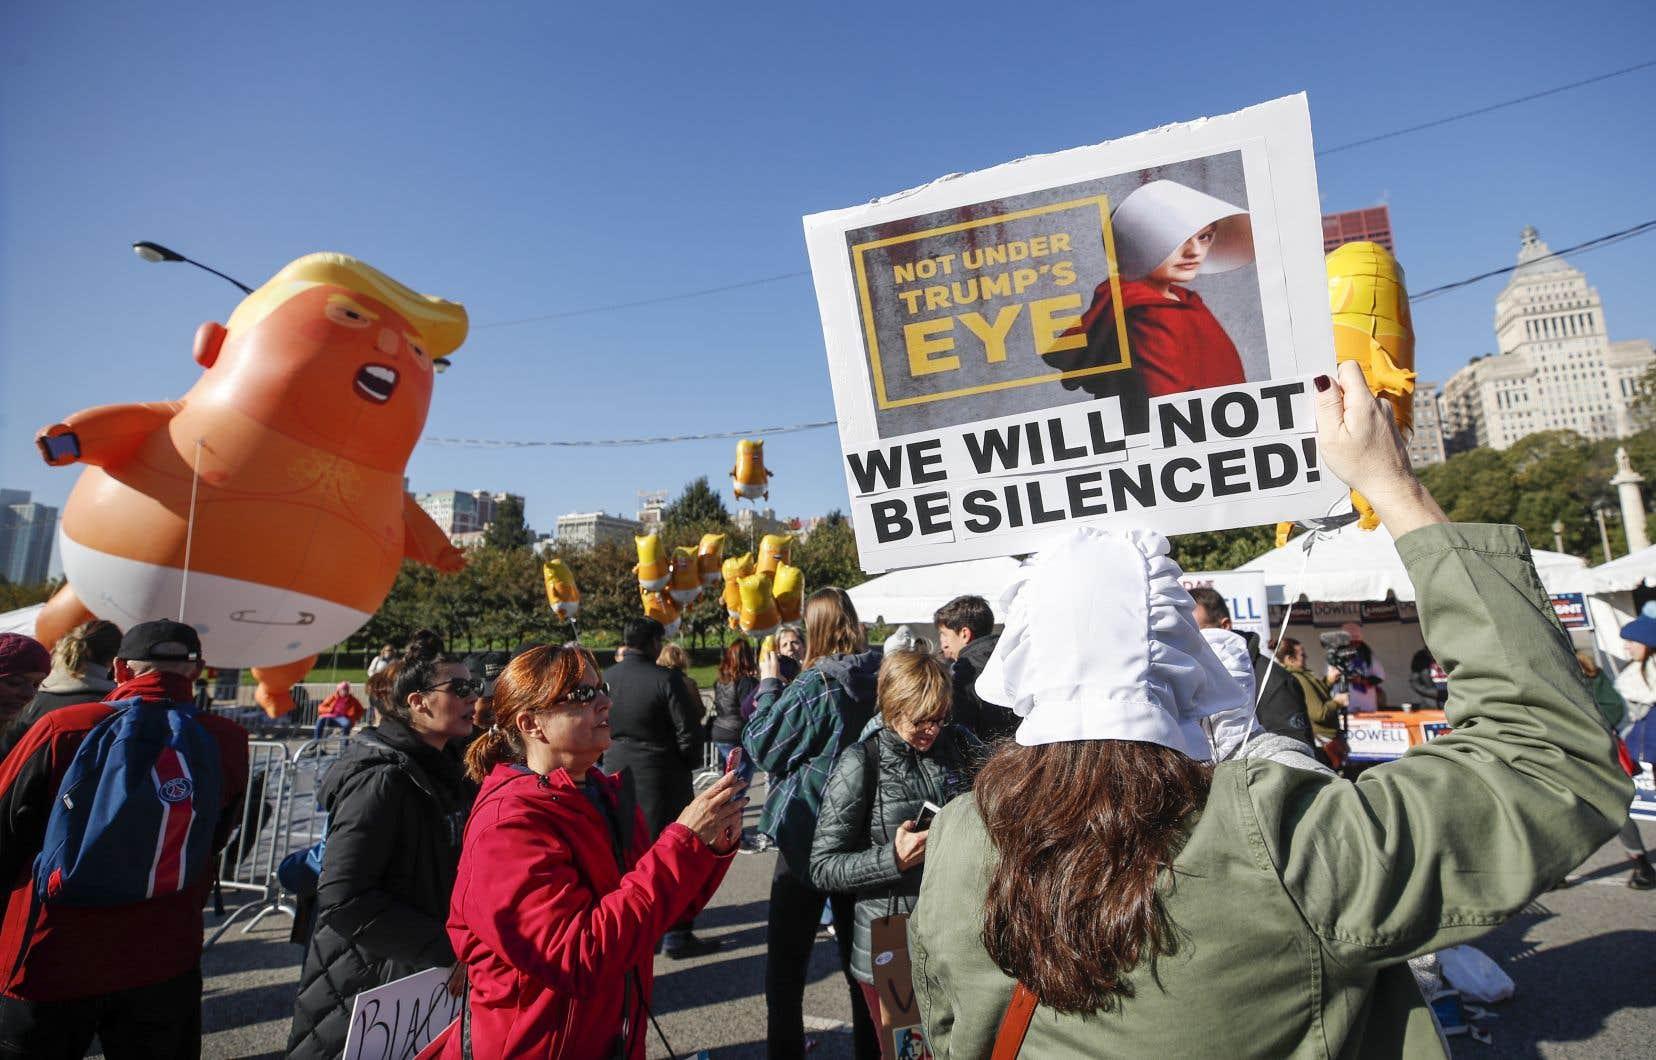 Des rassemblements similaires doivent avoir lieu en octobre dans d'autres États, dont certains traditionnellement favorables aux républicains comme le Texas, la Géorgie ou la Caroline du Sud.